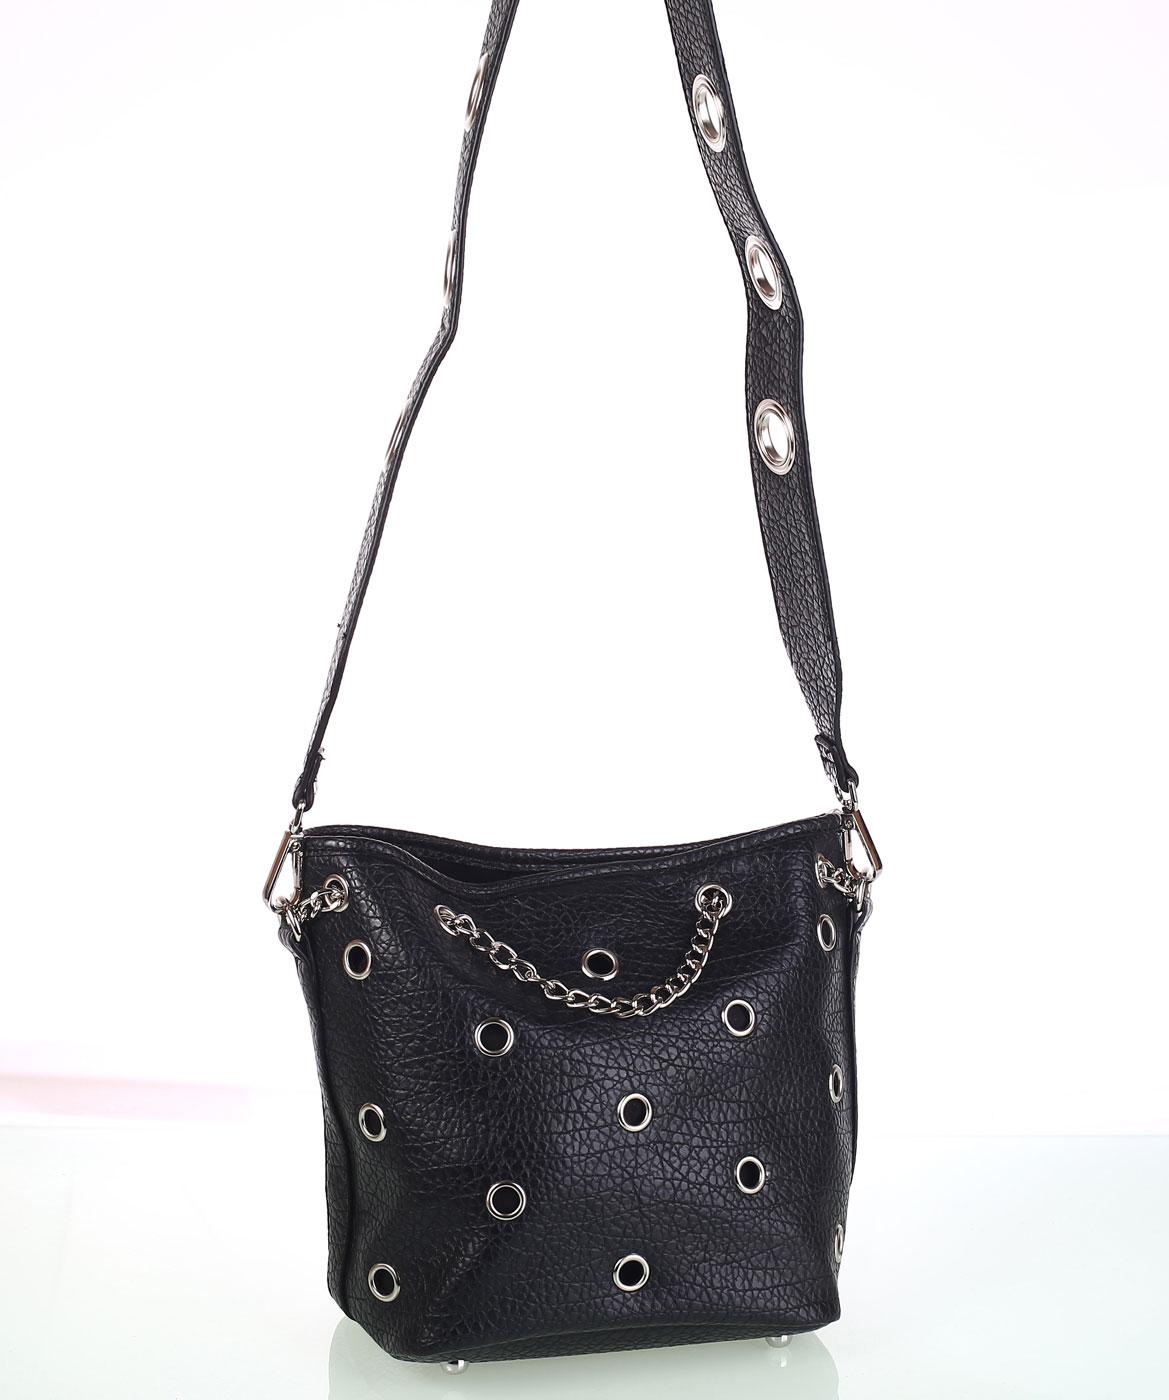 99726bdc9 Dámska kabelka cez rameno Kbas s ozdobnými cvokmi a retiazkou čierna ...